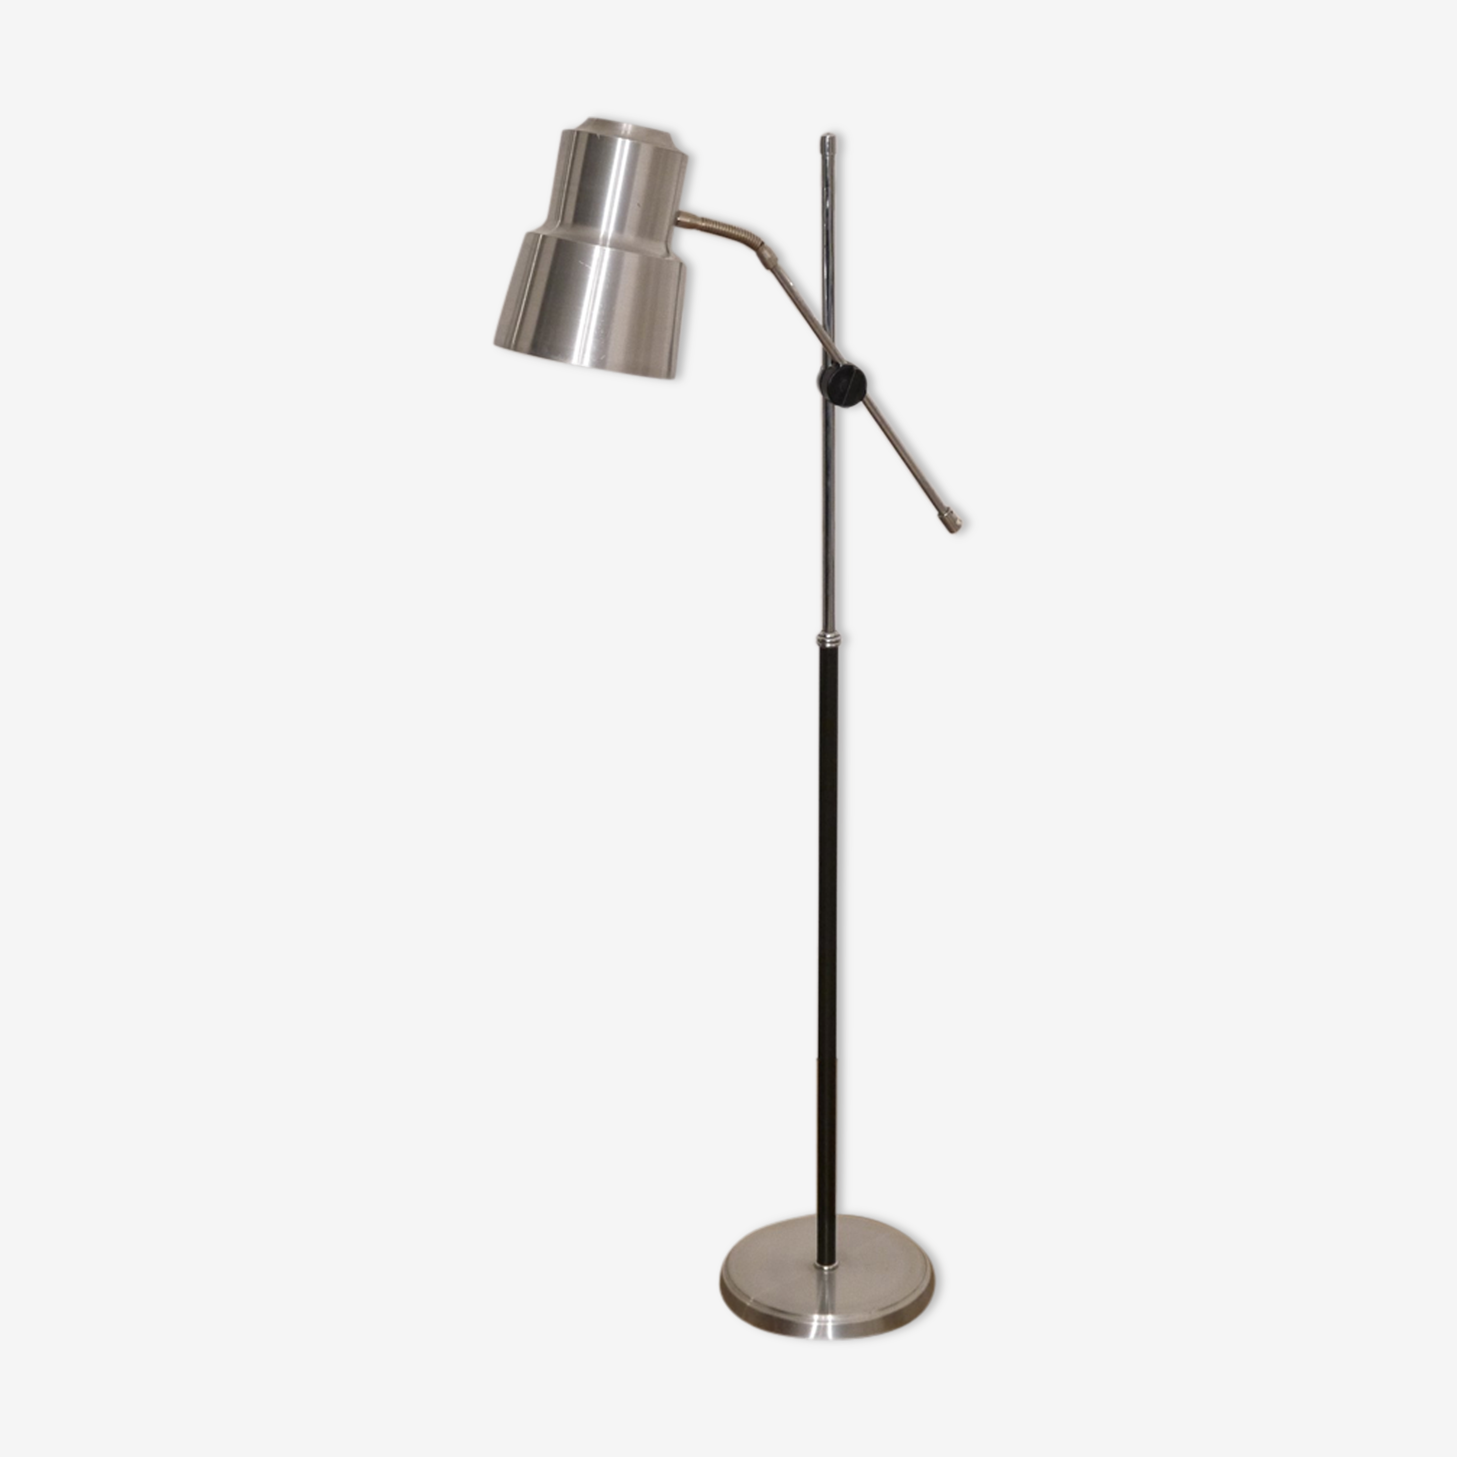 Lampadaire en aluminium brossé